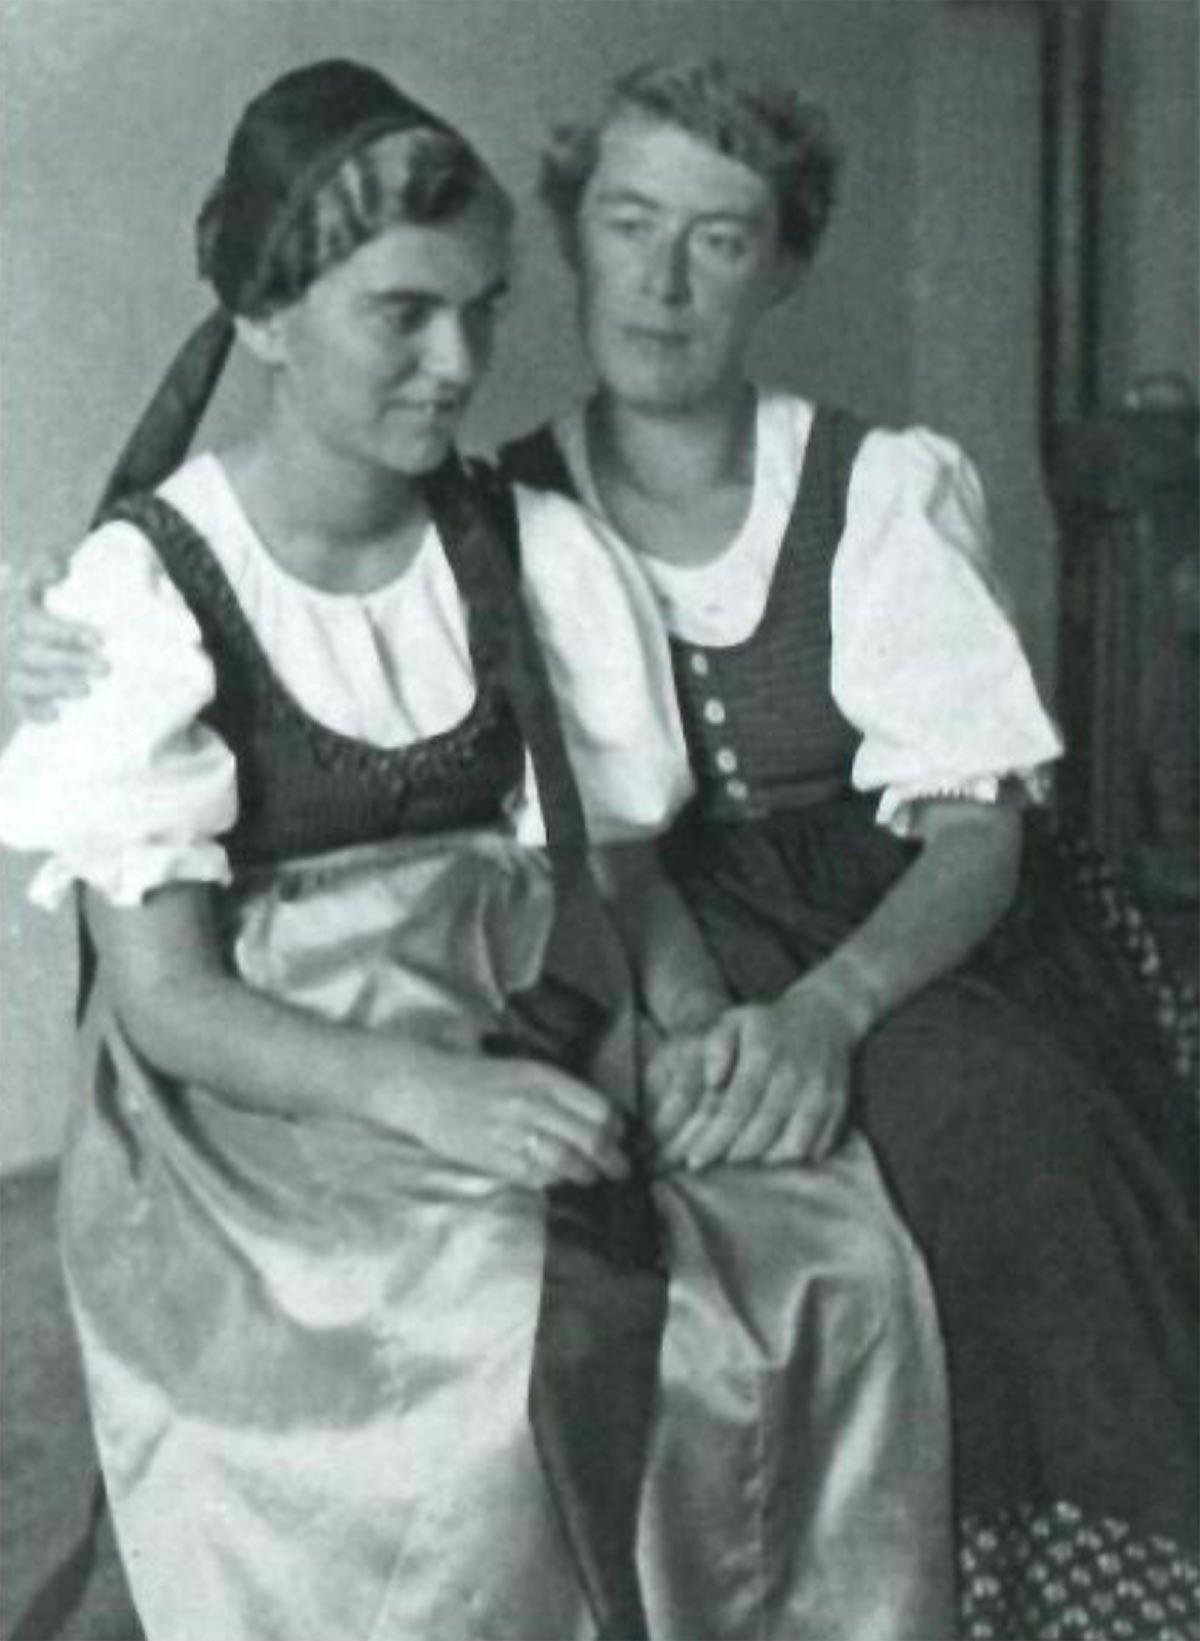 Foto zu Norbertine Bresslern-Roth: Else und Charlotte von der Hellen | ARGUS Art Asset Austria, Wien